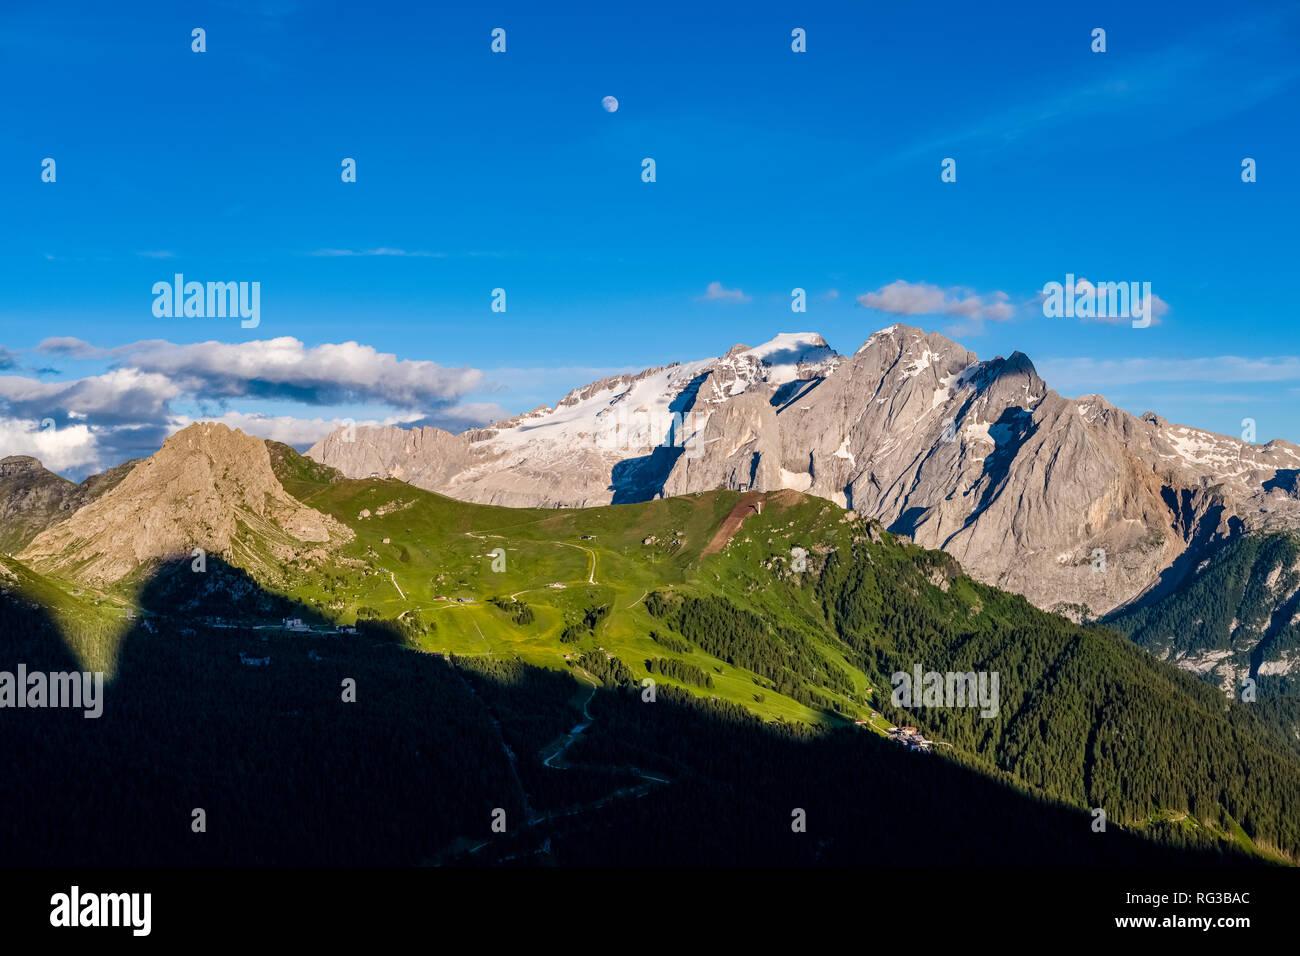 View on the pass Pordoi Pass, Passo Pordoi and the mountain Marmolada from Sella Pass, Sellajoch, Passo Sella - Stock Image